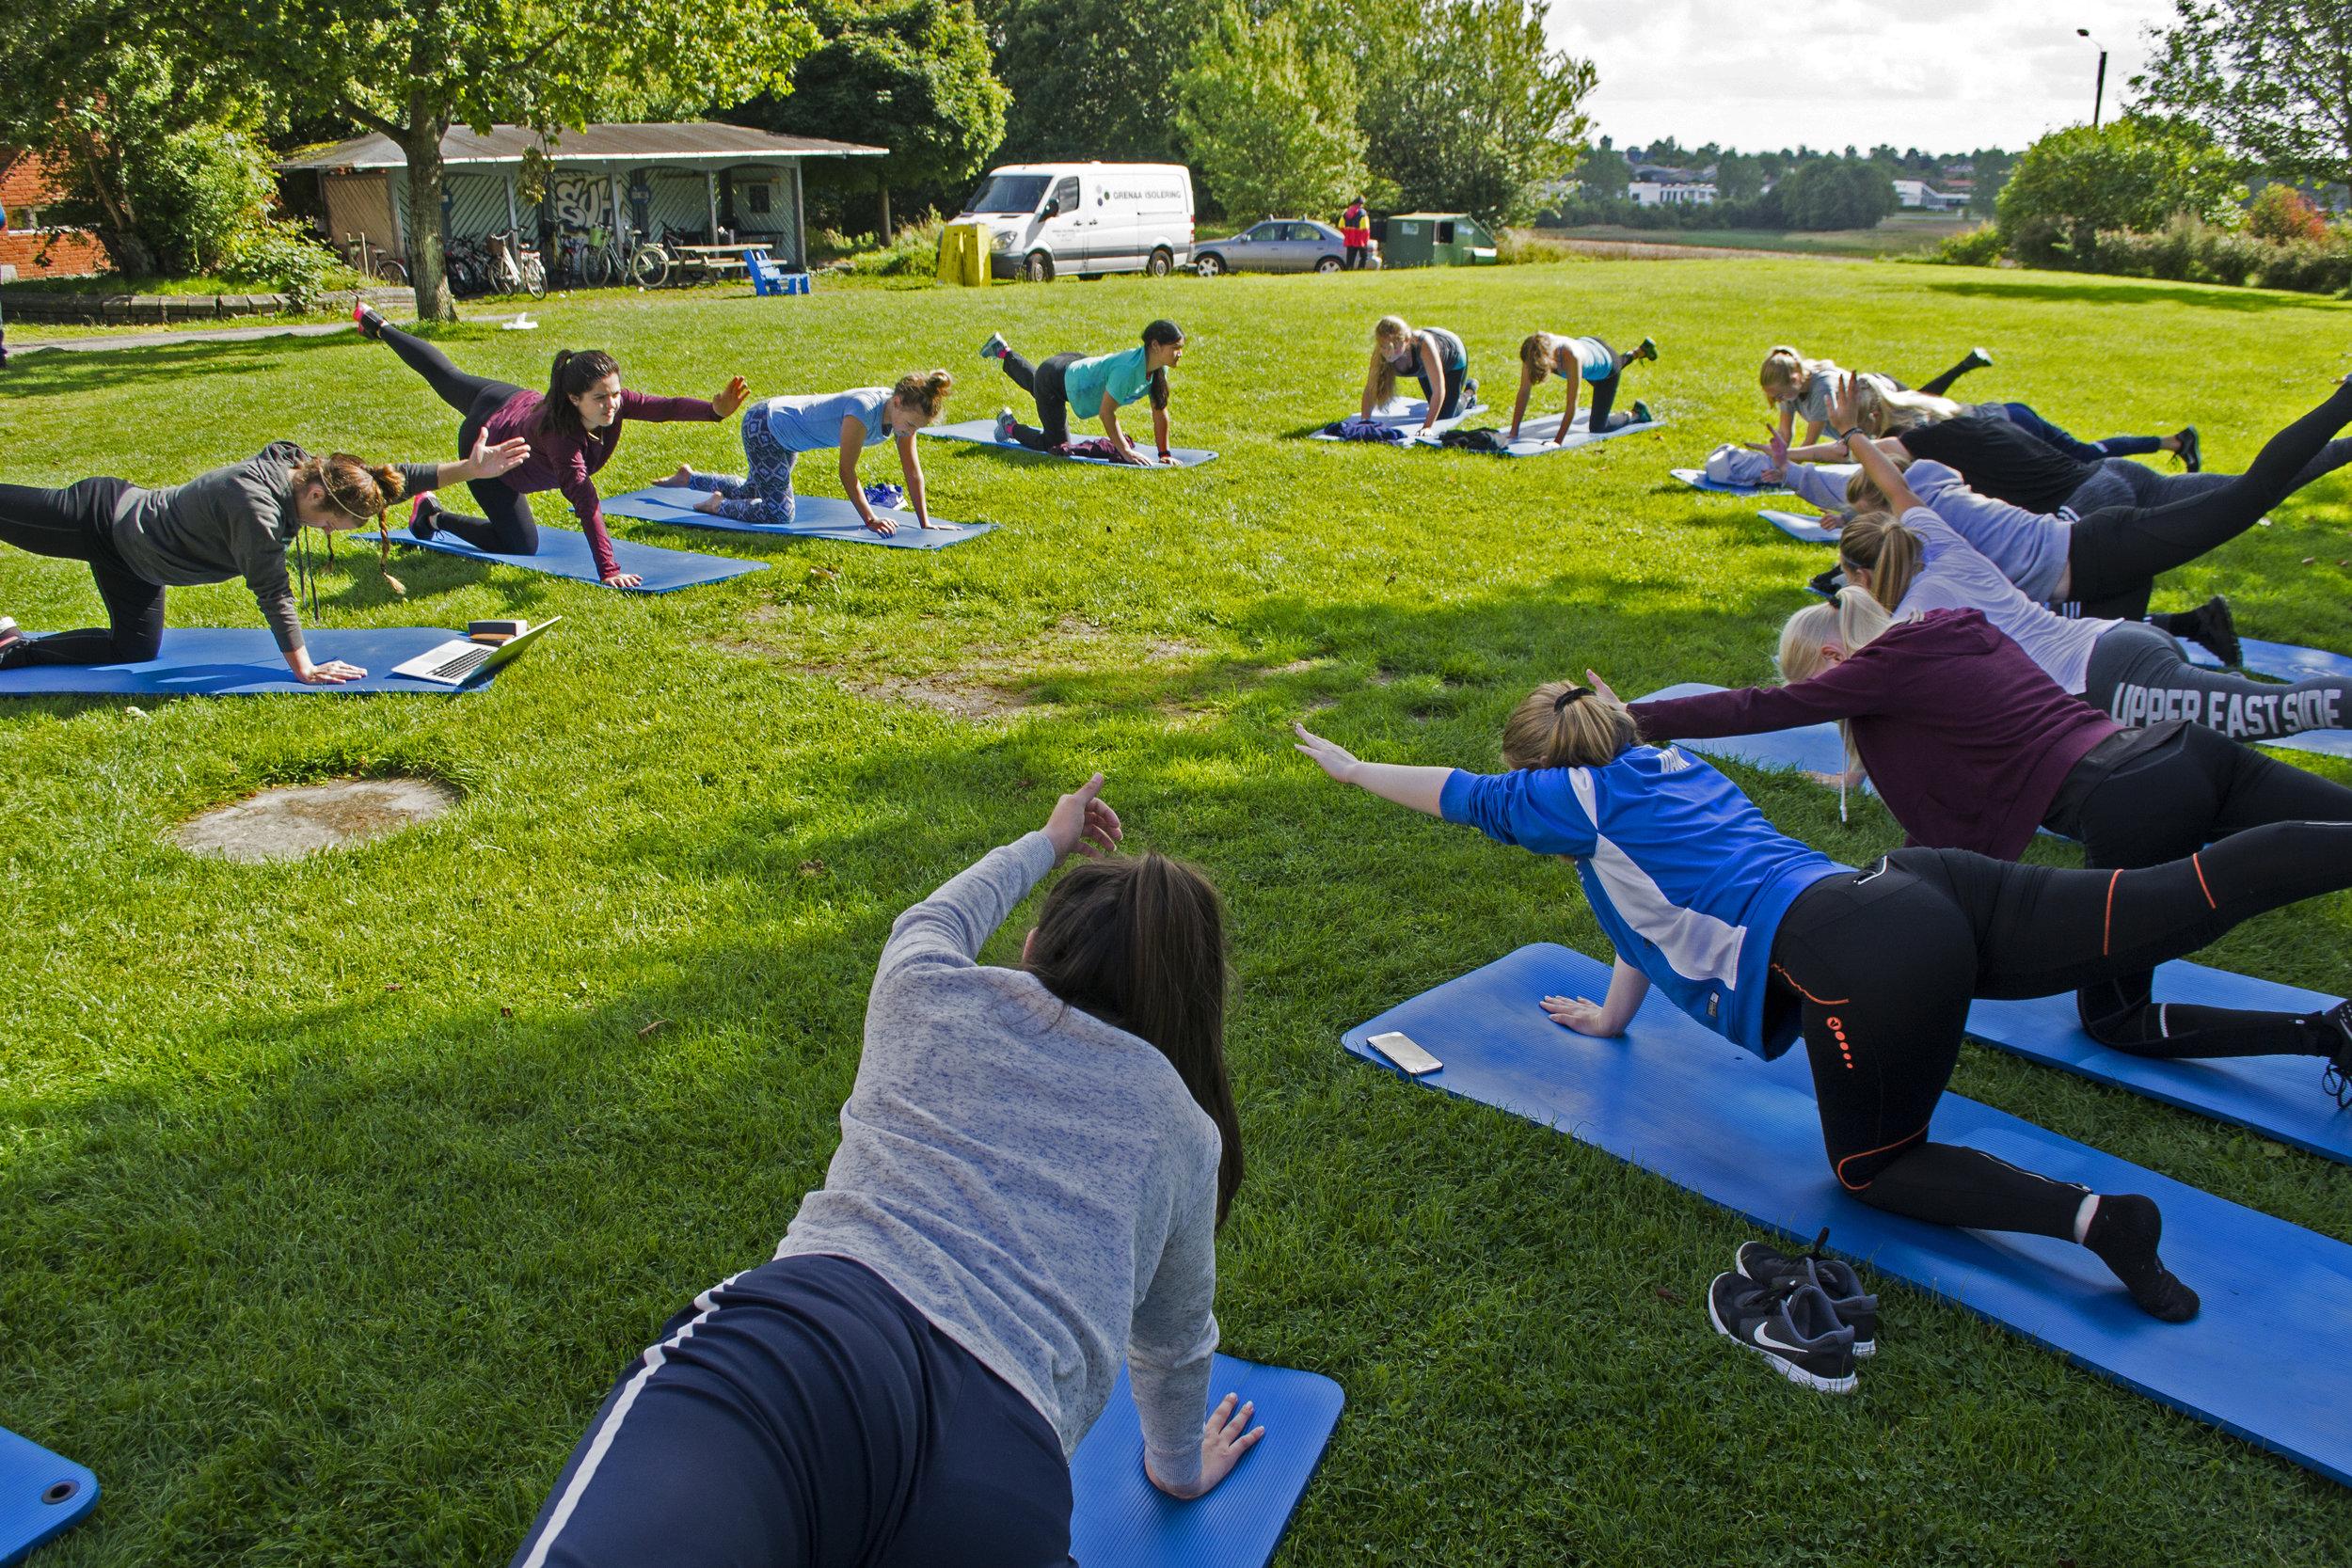 PERSONLIG POWER - Yoga og mindfulness på højskole - giver dig motivationen tilbageBevæg din krop og find din indre ro. I faget Personlig Power får du dine kræfter og motivation igen til at give den en skalle i hverdagen.